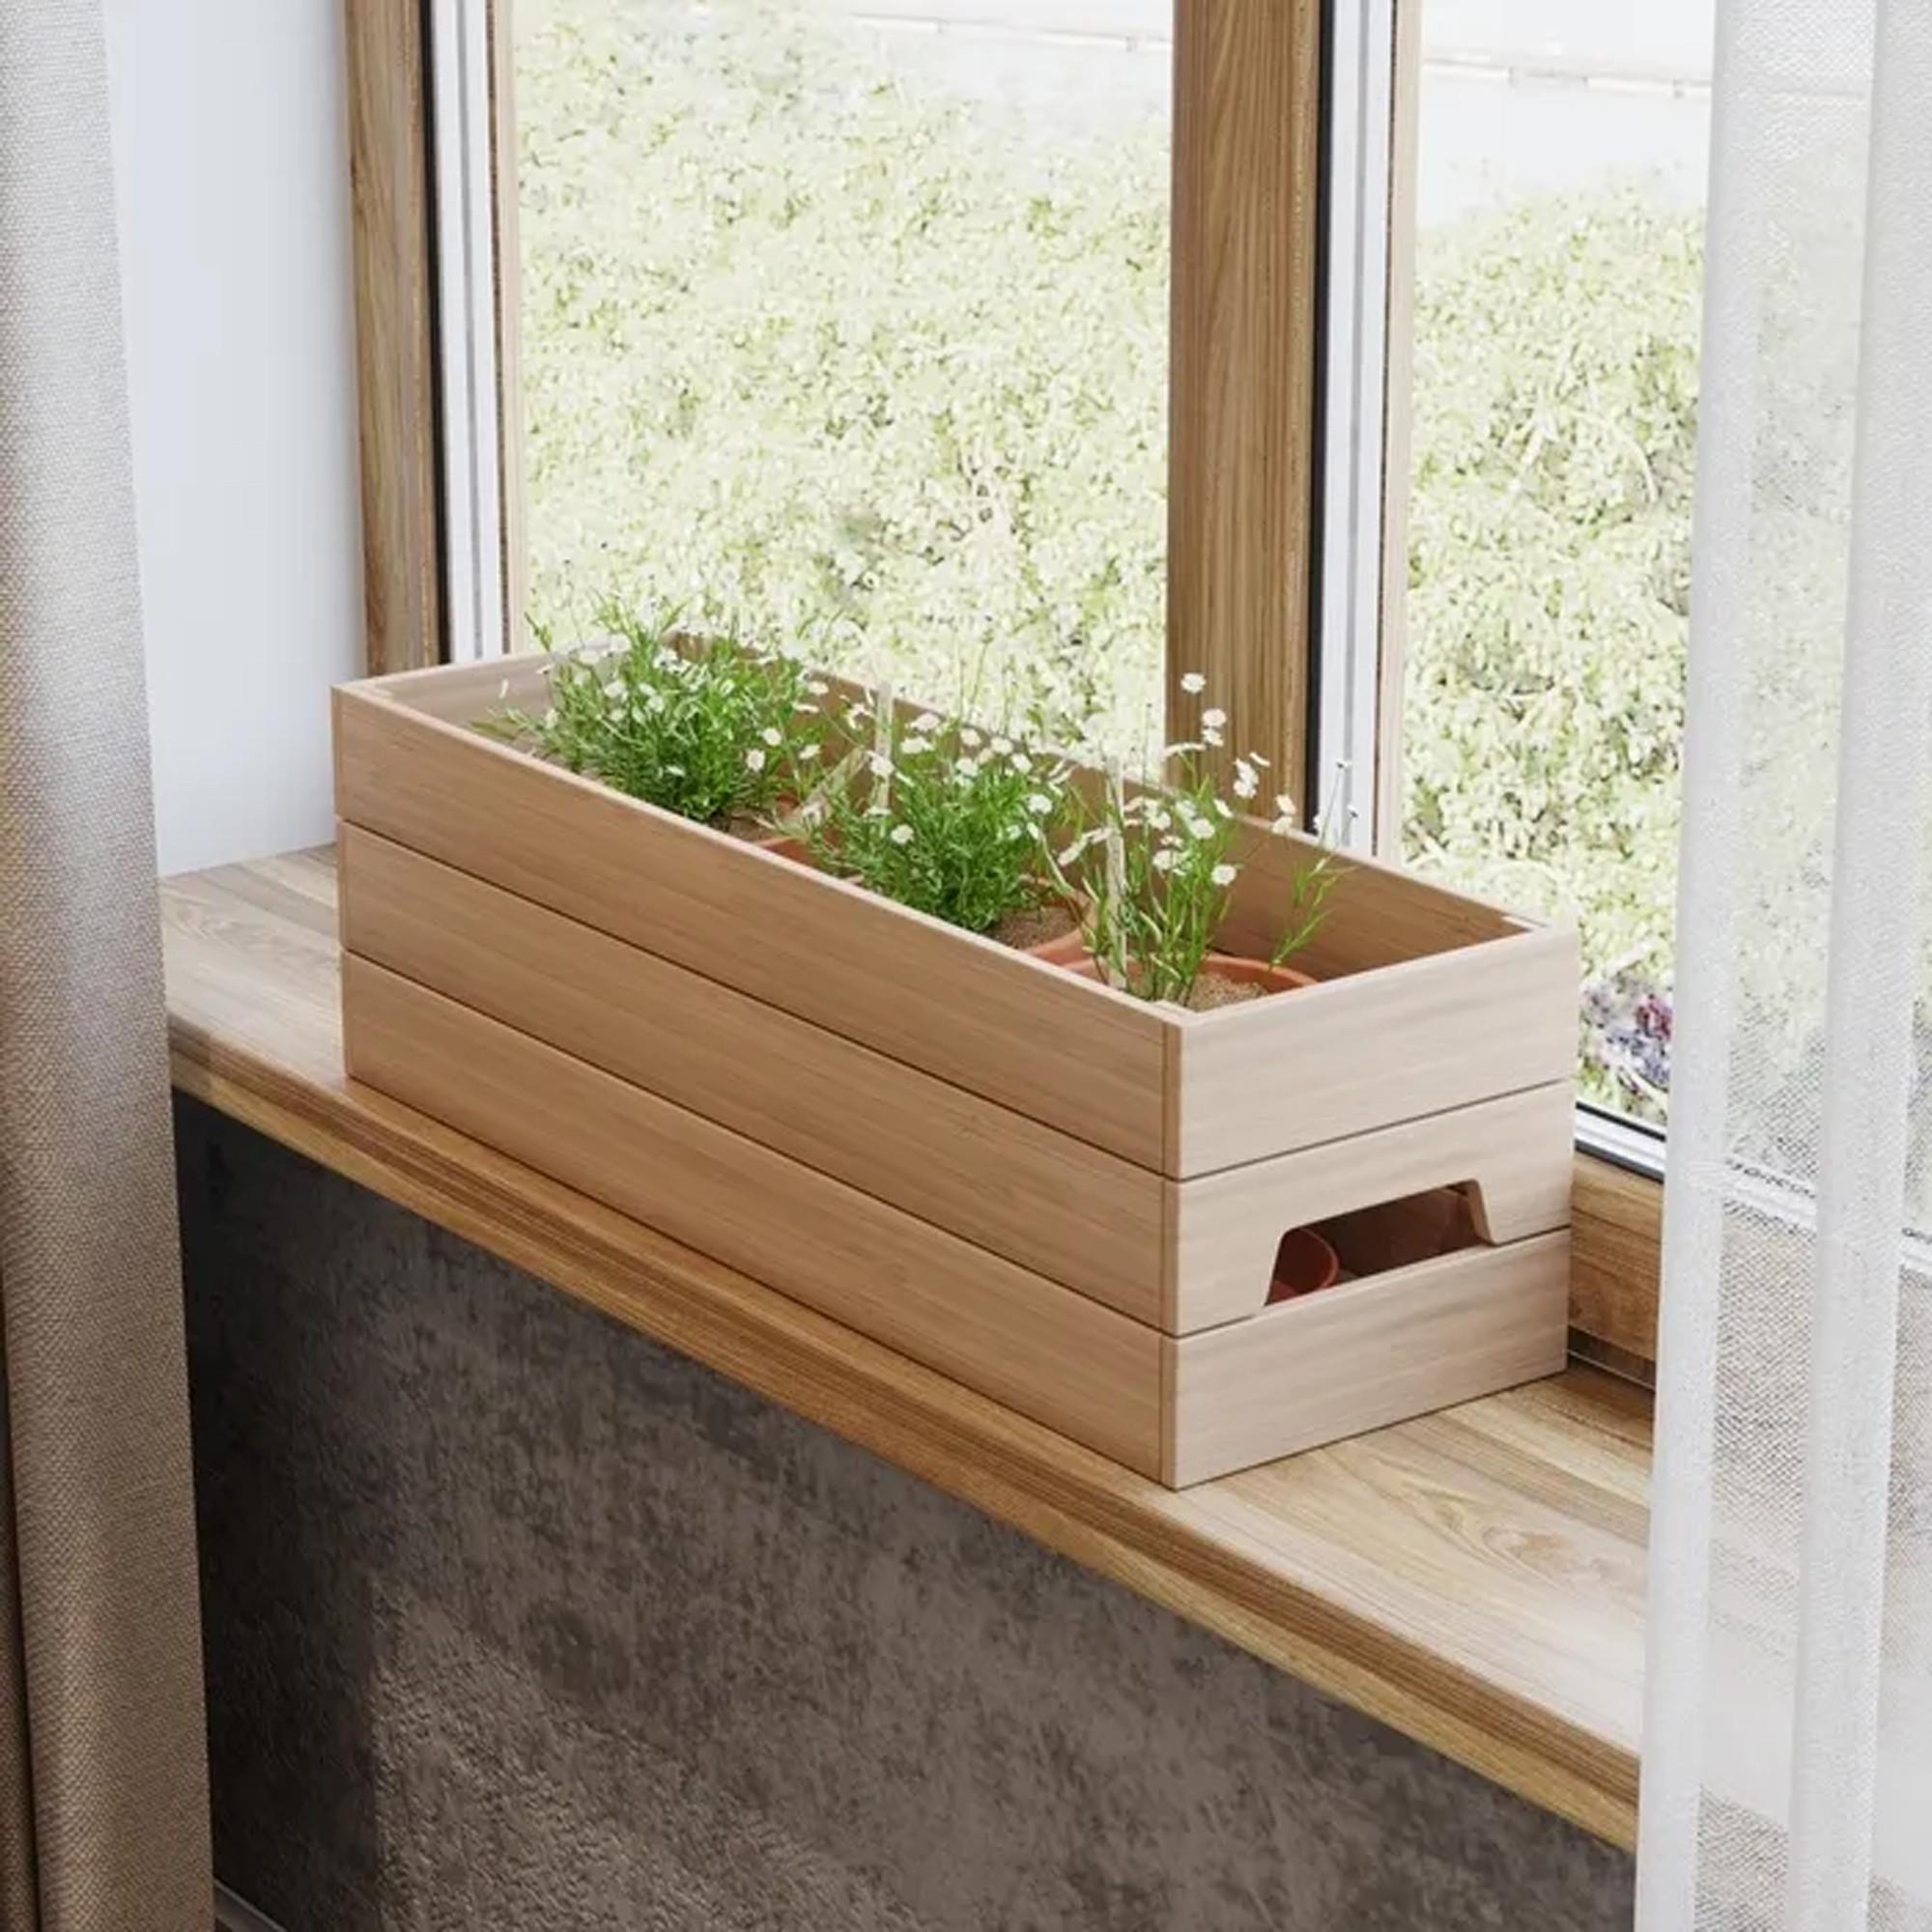 Ящик для цветов из дуба, 64x19,5x21,2 см